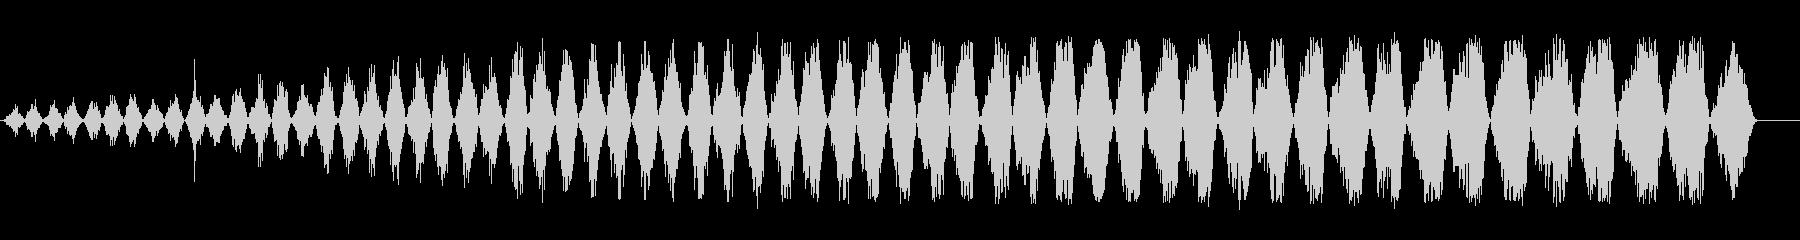 バララララ(細かく刻む効果音)の未再生の波形